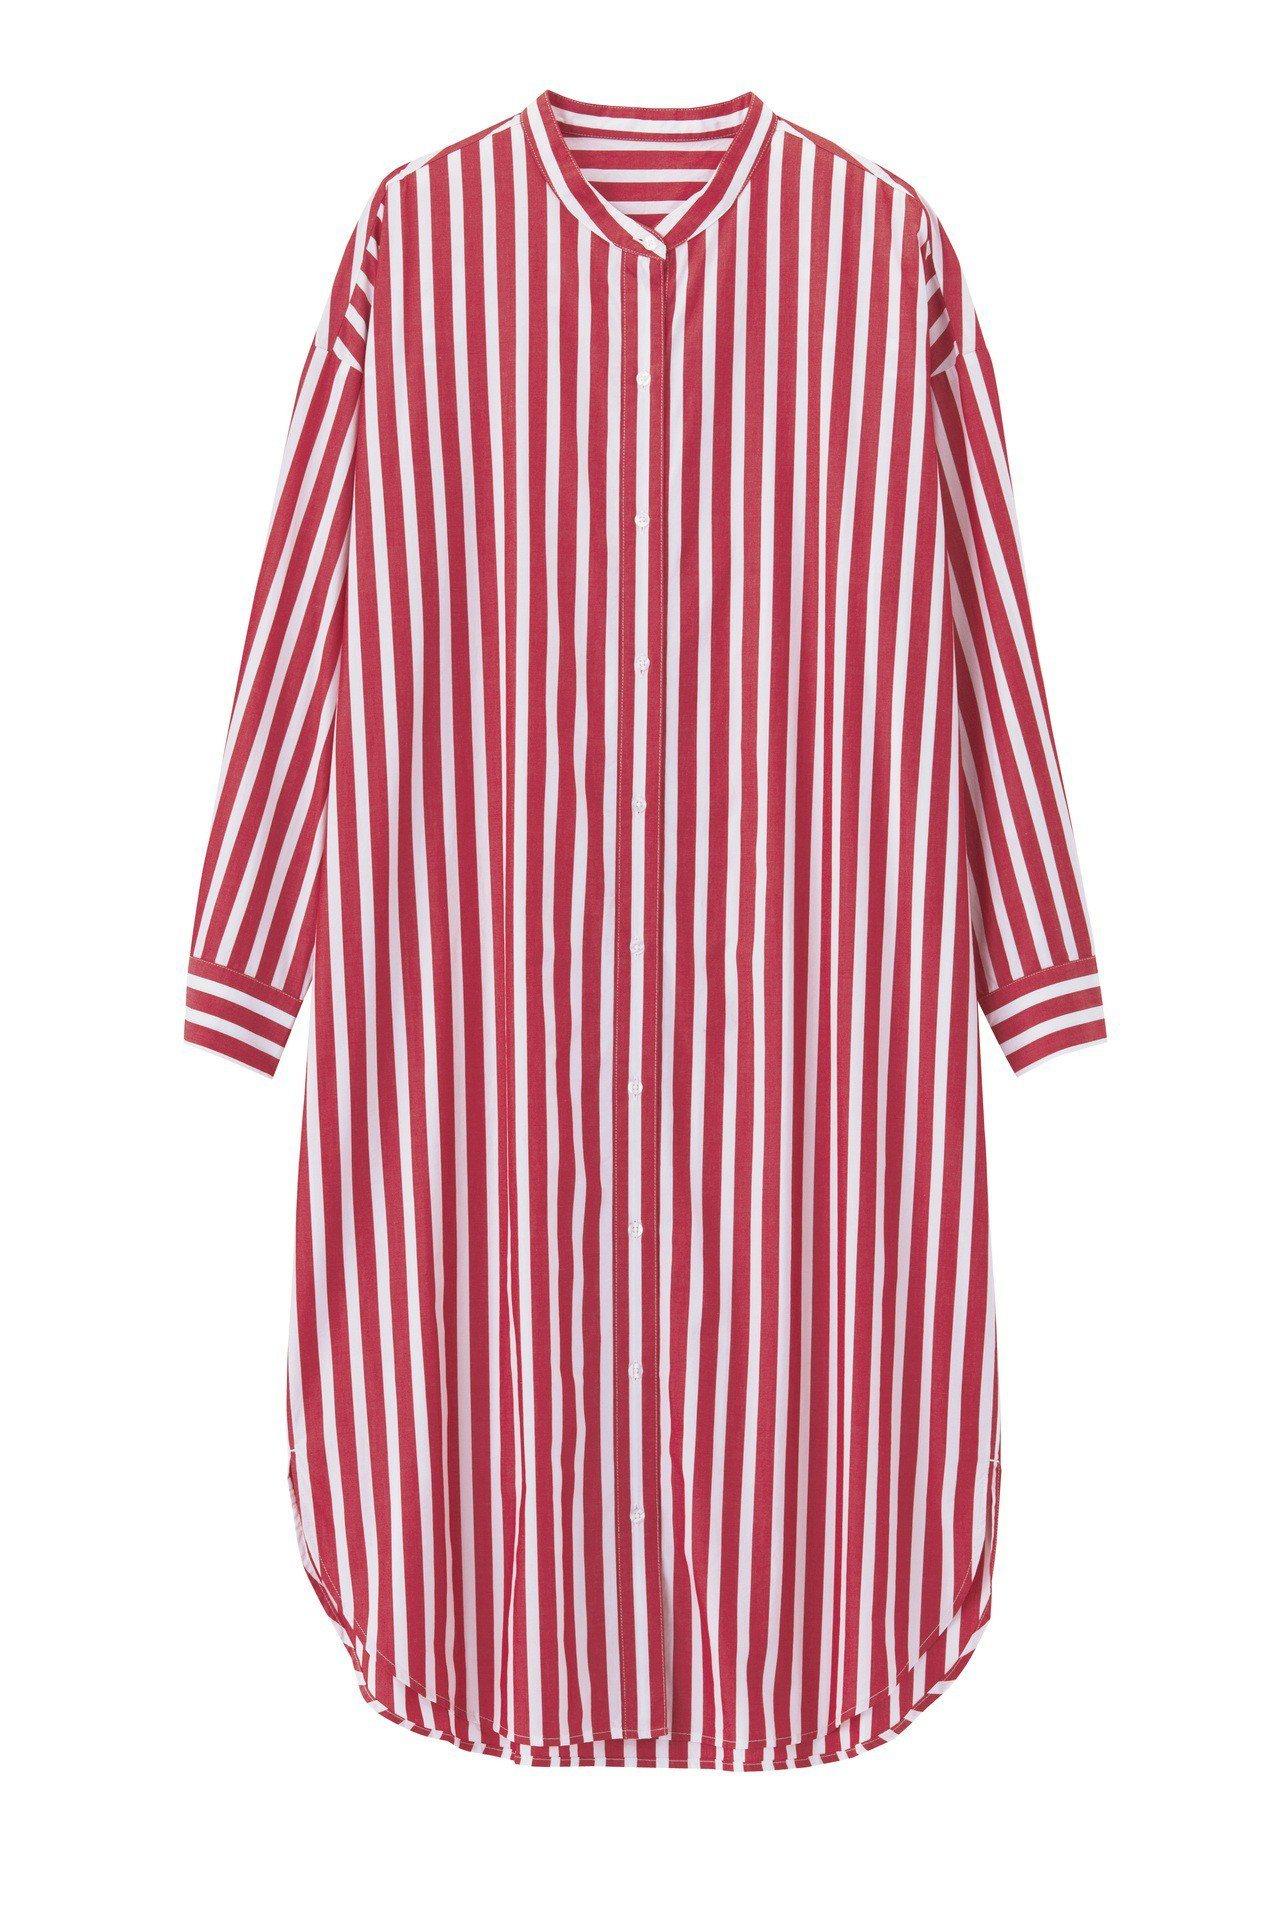 條紋襯衫連身裙(紅)590元。圖/GU提供